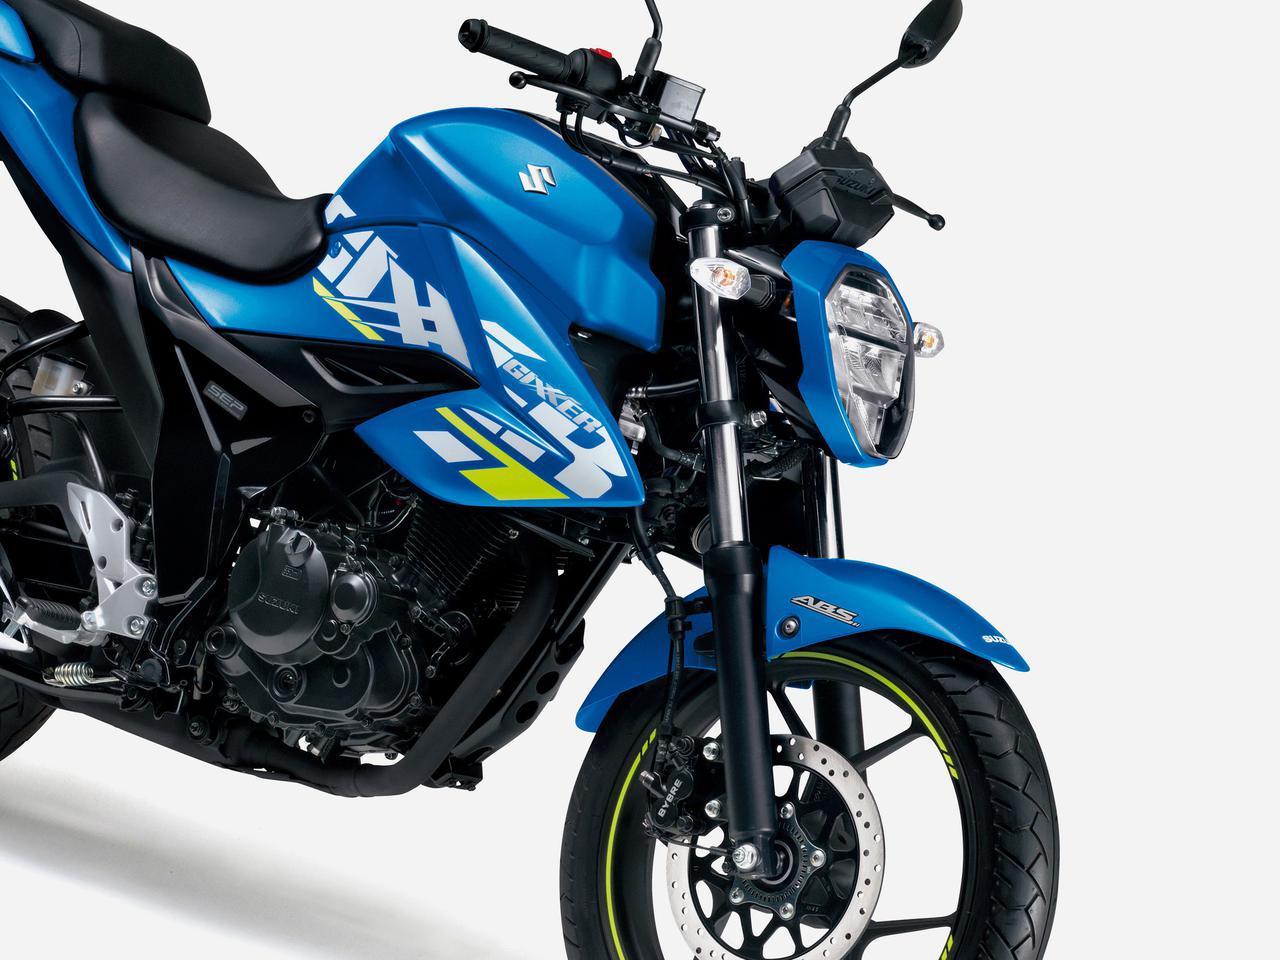 画像: 【ジクサー150】新車35万2000円の最強コスパ系! スズキの燃費王『ジクサー(150)』の2021年モデルが攻めのカラーに!?  - スズキのバイク!